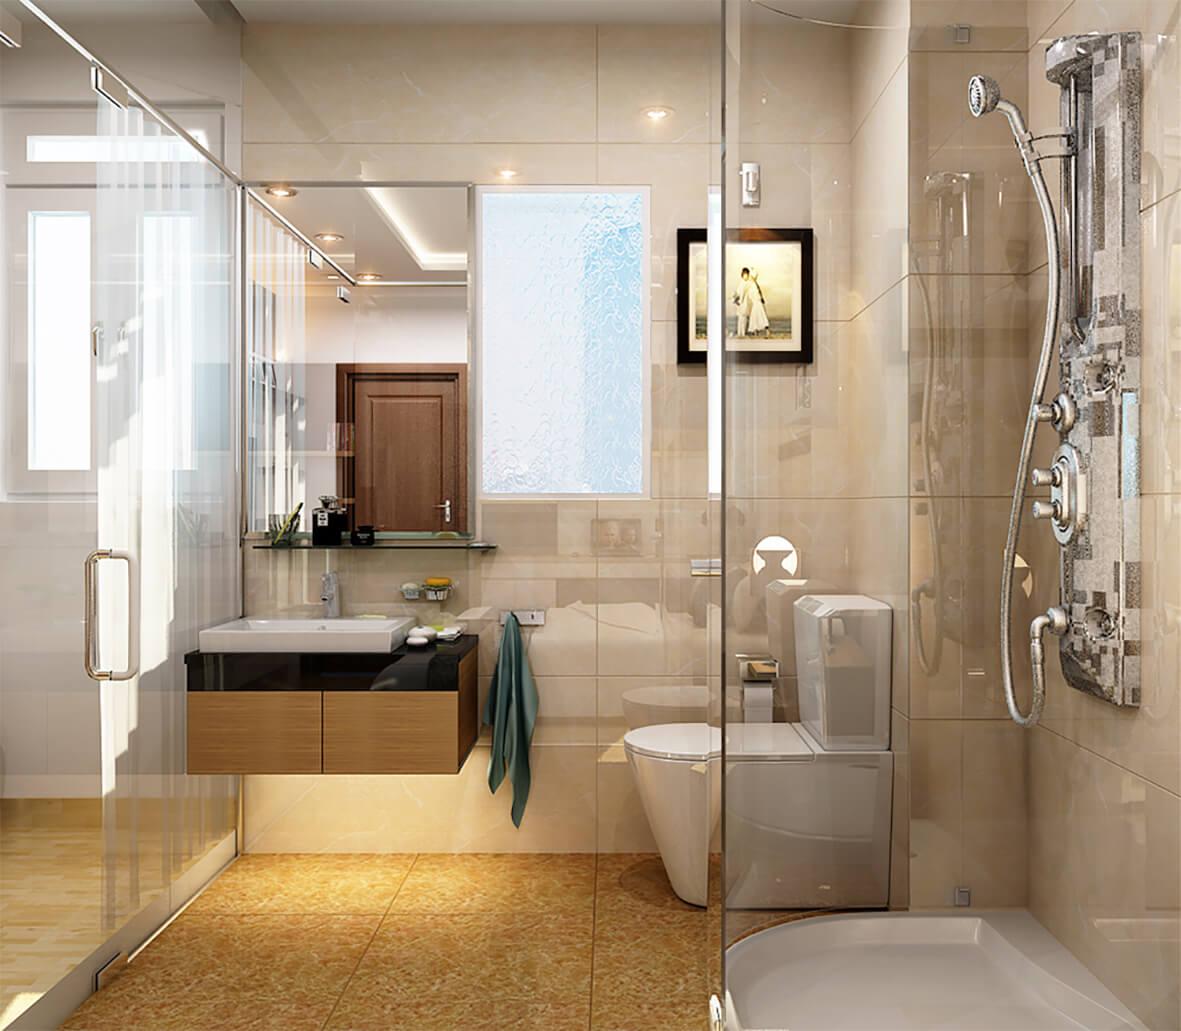 Sửa chữa cải tạo căn hộ với phòng vệ sinh bố trí hợp lý, nội thất hiện đại, sang trọng.